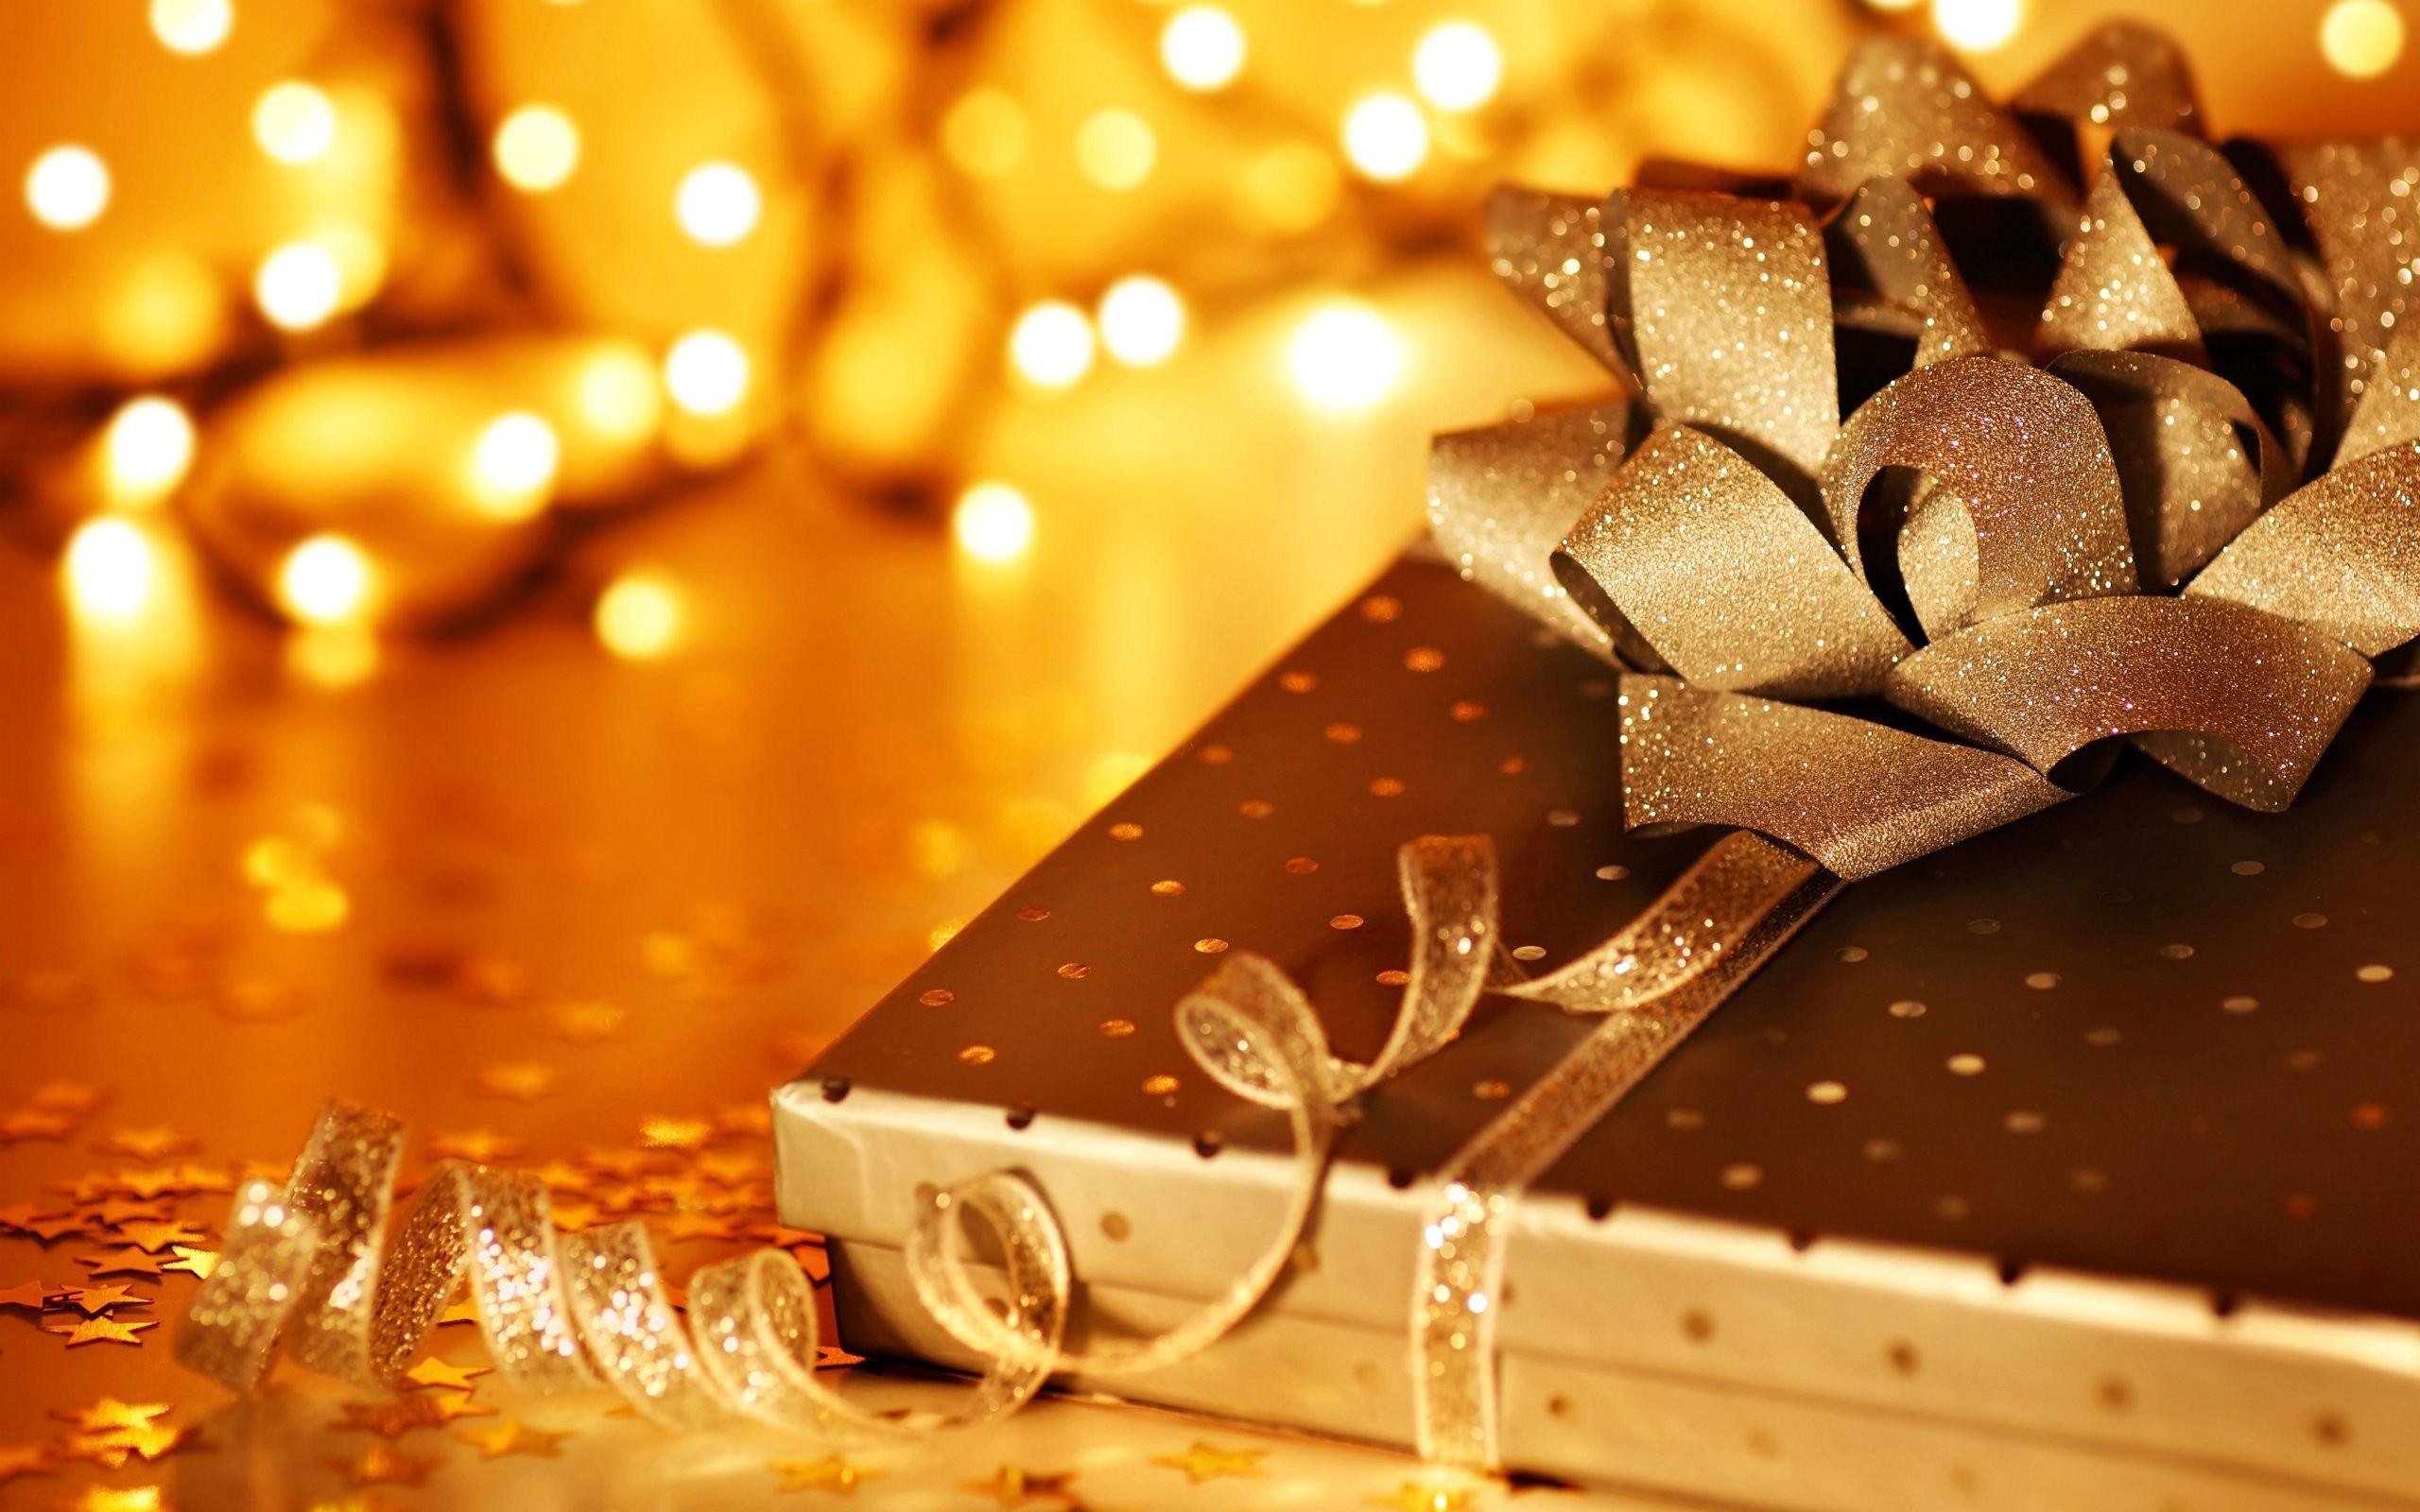 Risultati immagini per Christmas Books wallpaper